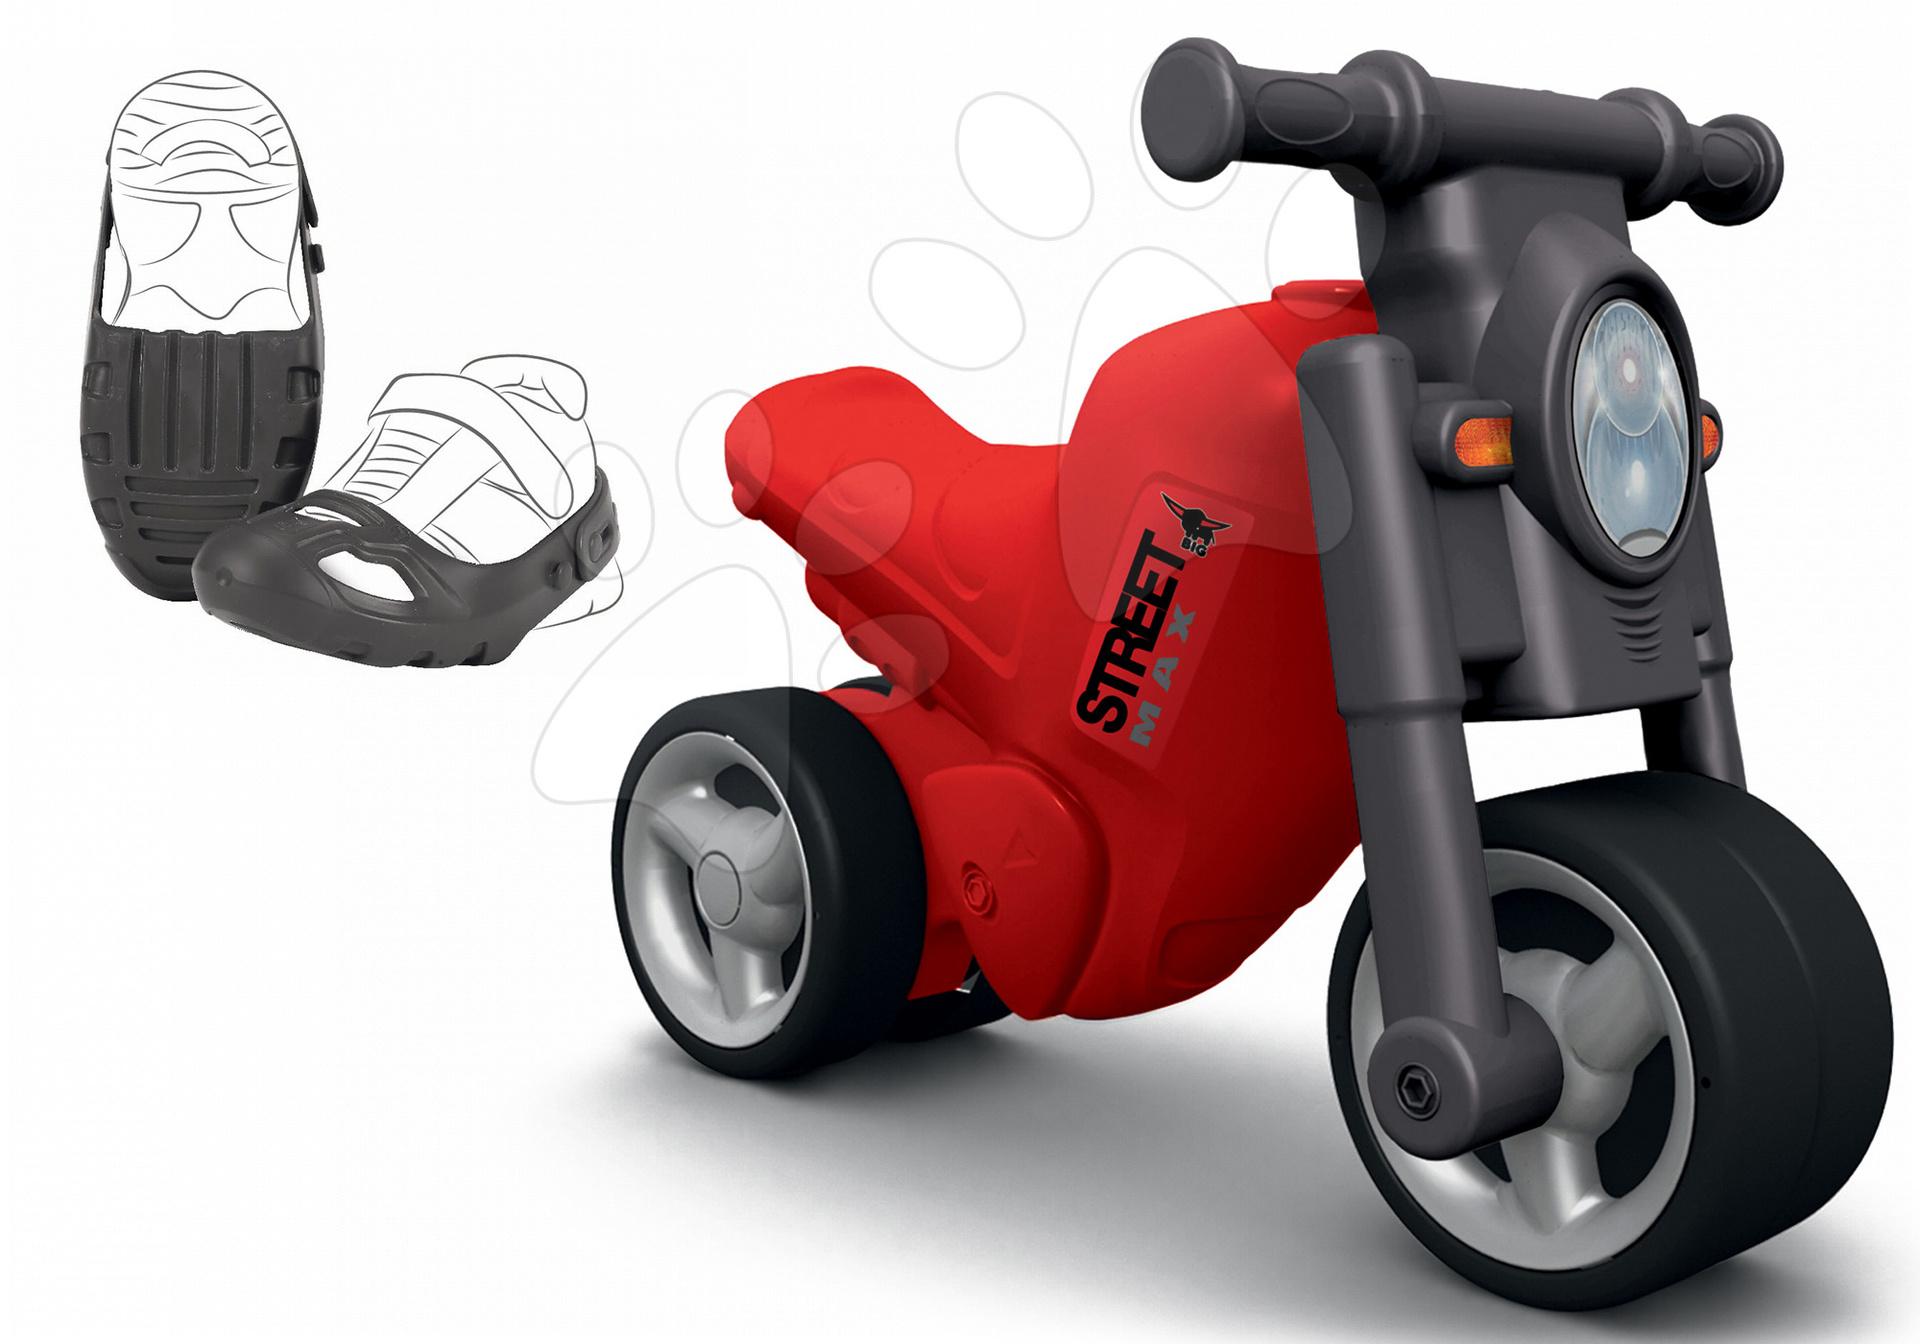 Odrážedlo motorka Street Bike BIG a ochranné návleky na boty Shoe-Care BIG od 18 měsíců